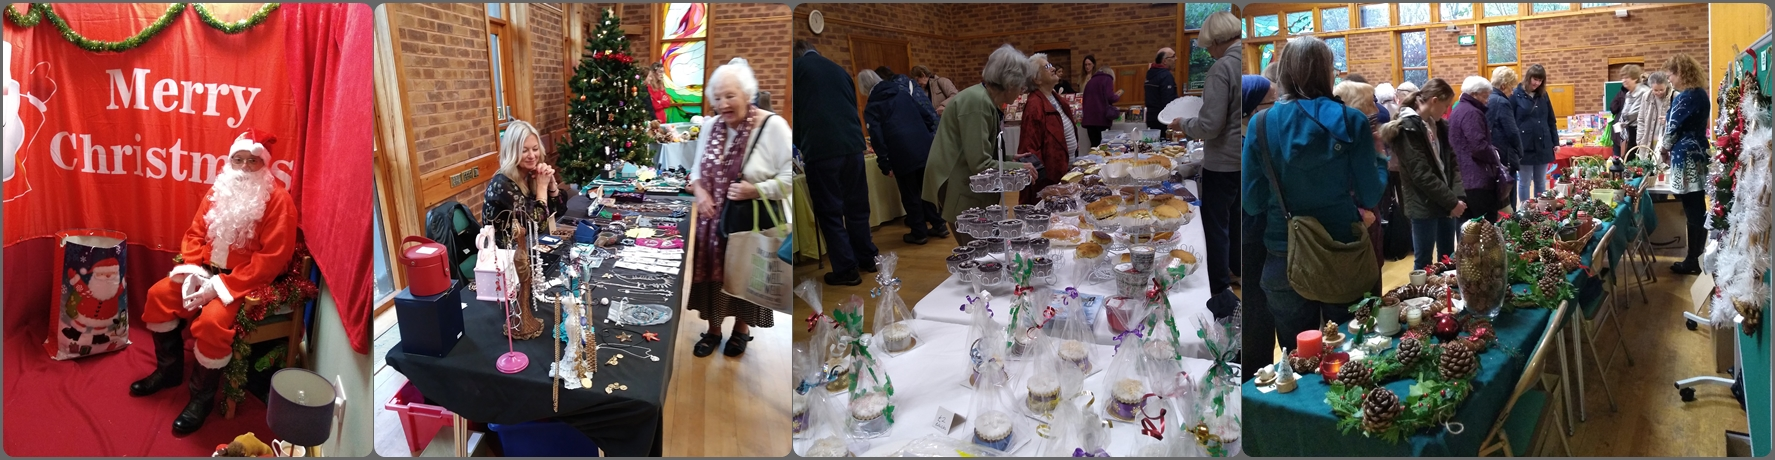 Christmas Market run by Carol Woodward